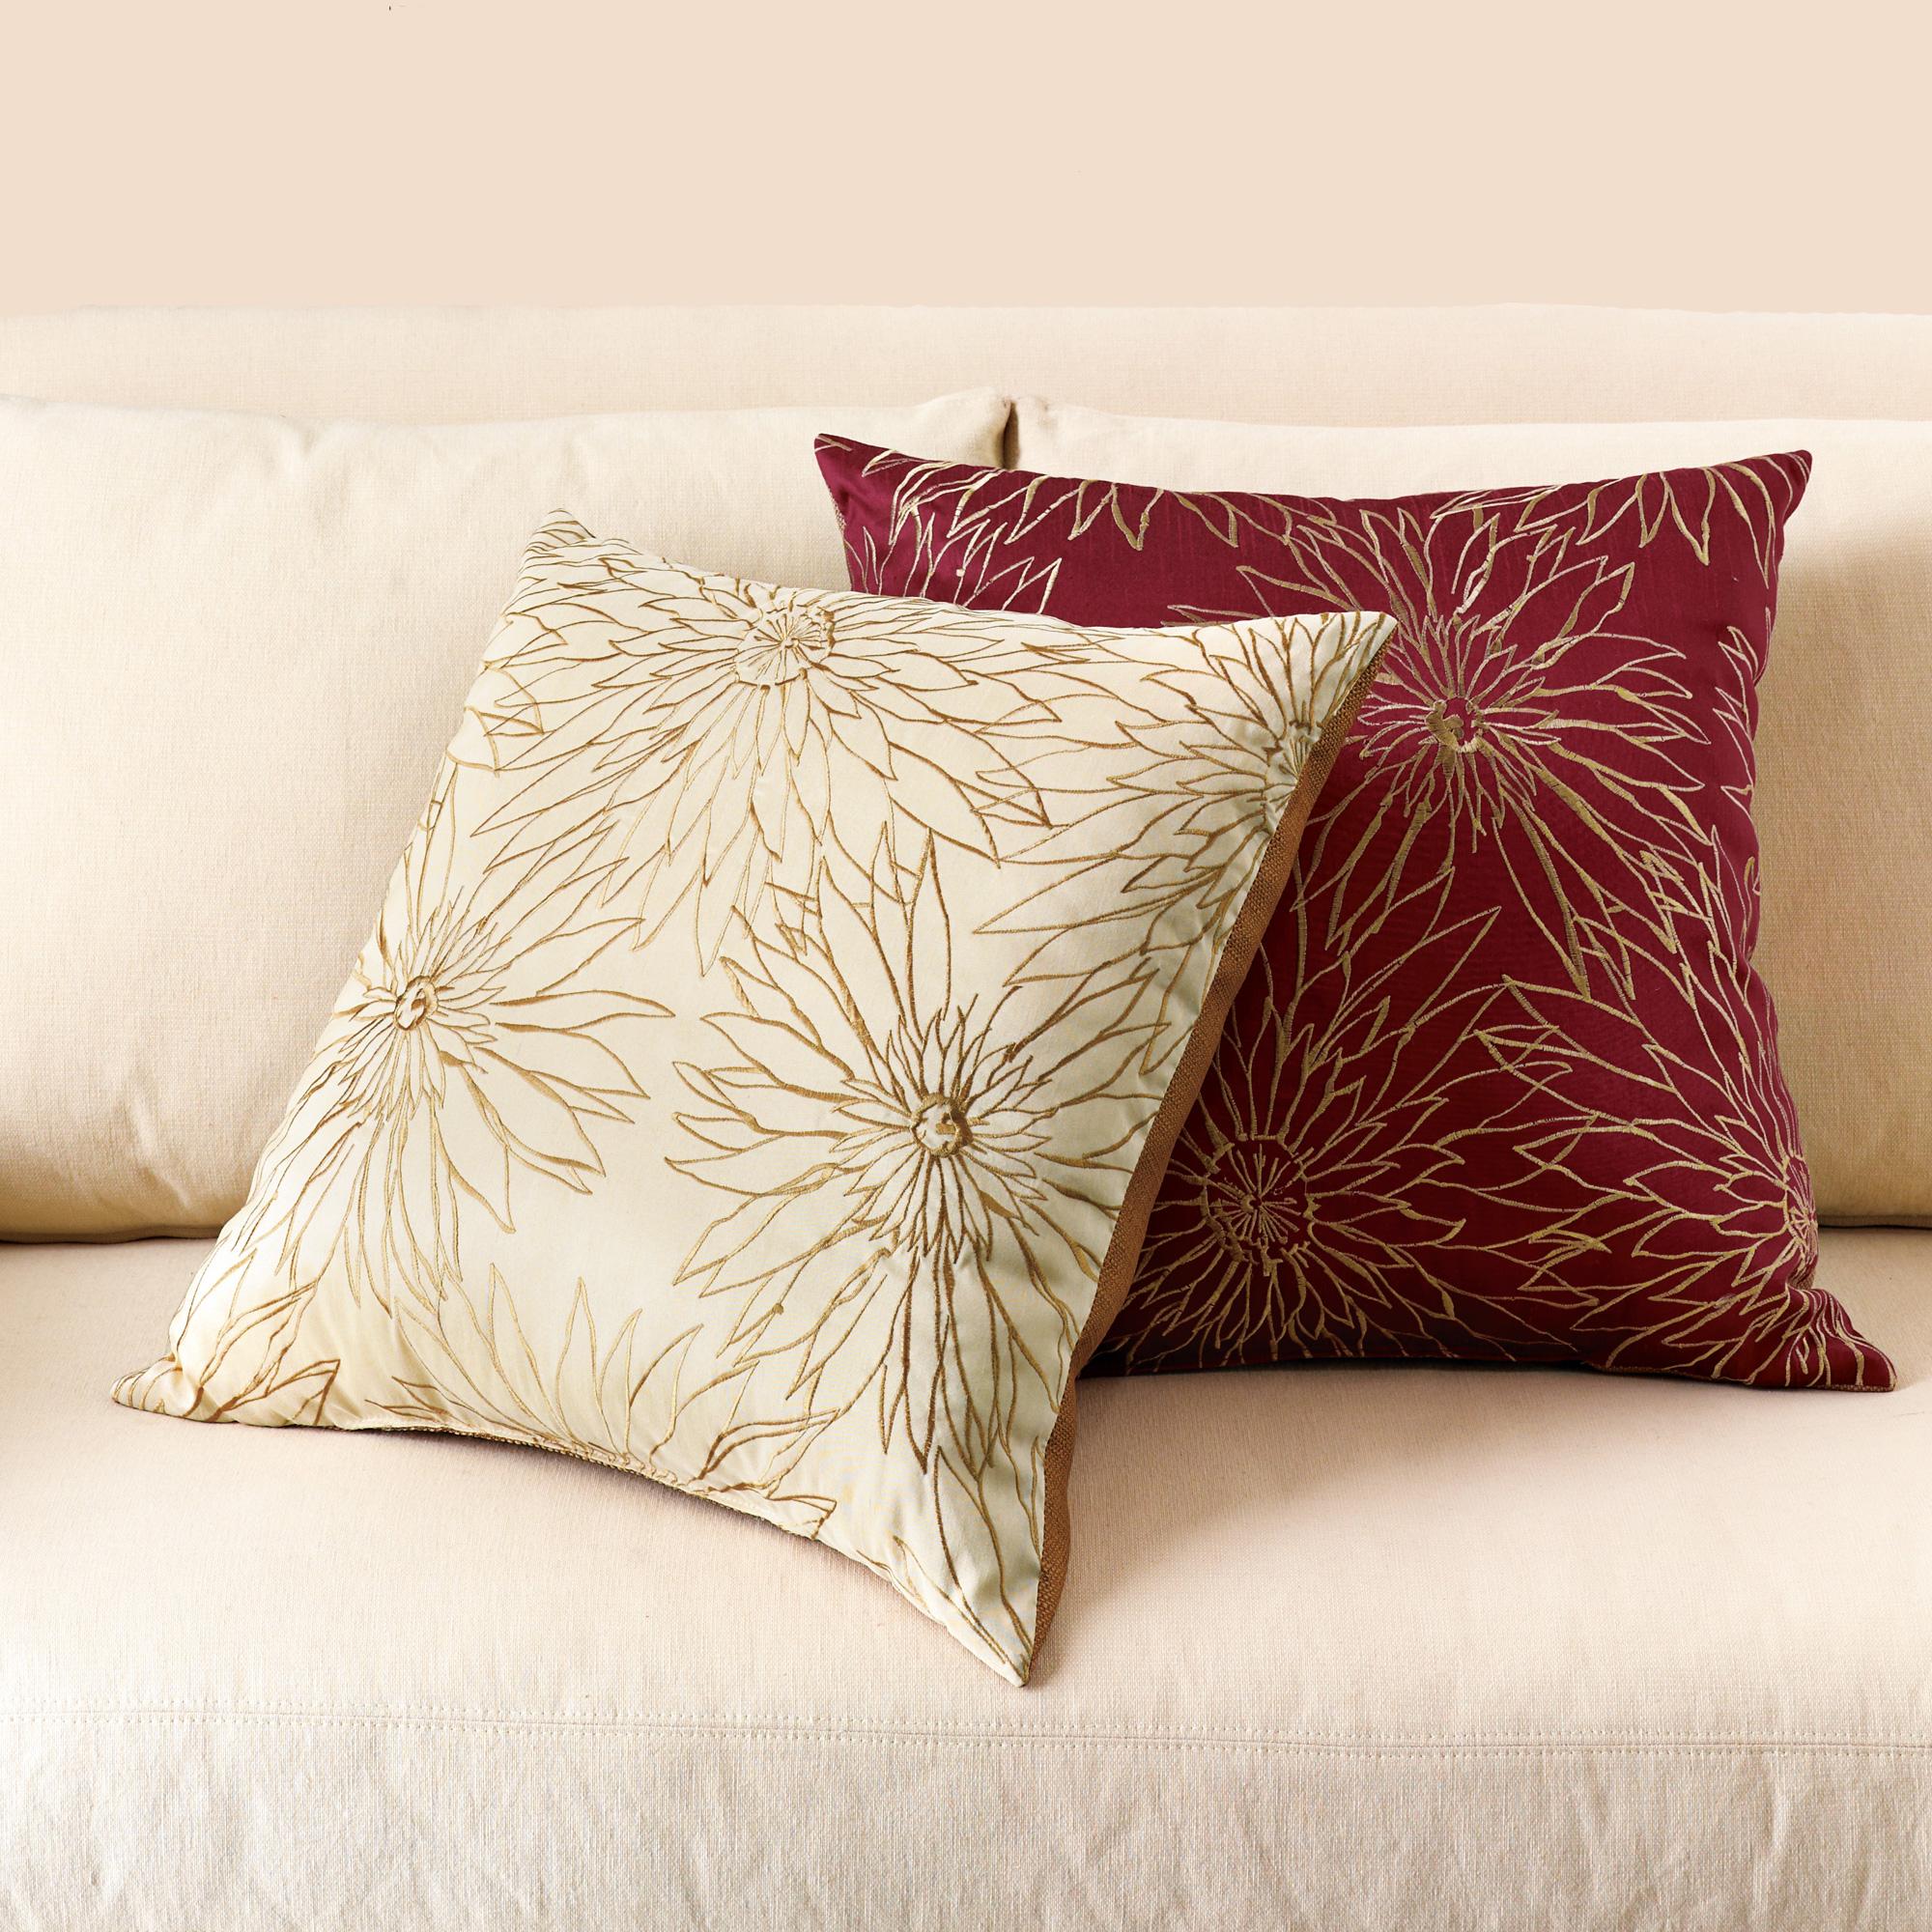 Throw Pillows Home : Dahlia Pillows Gump s